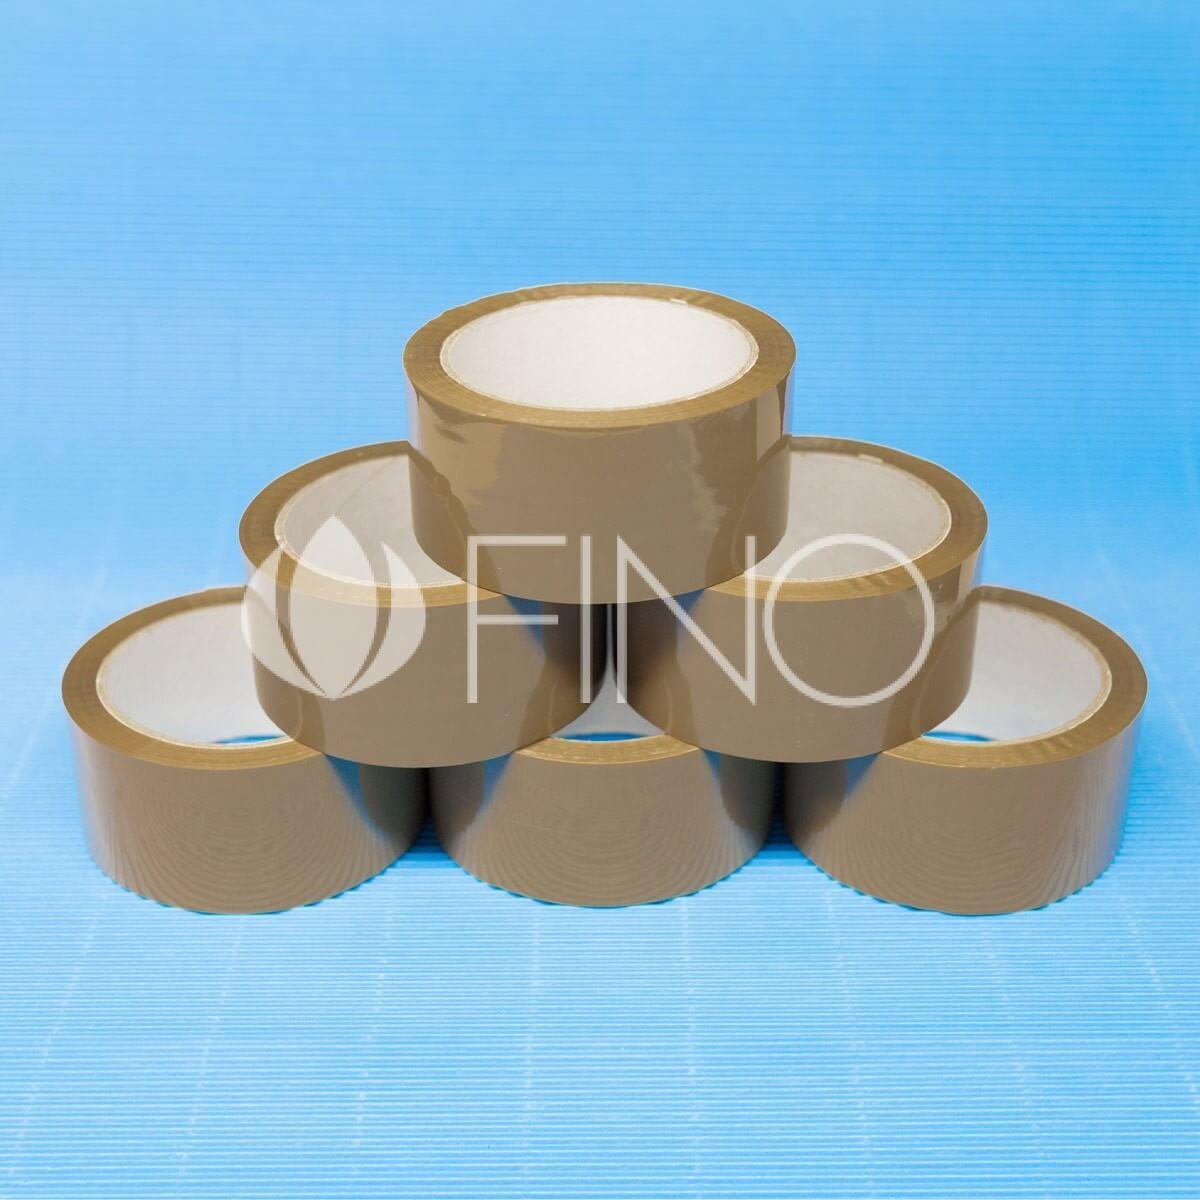 Taśmy PVC na kleju solvent